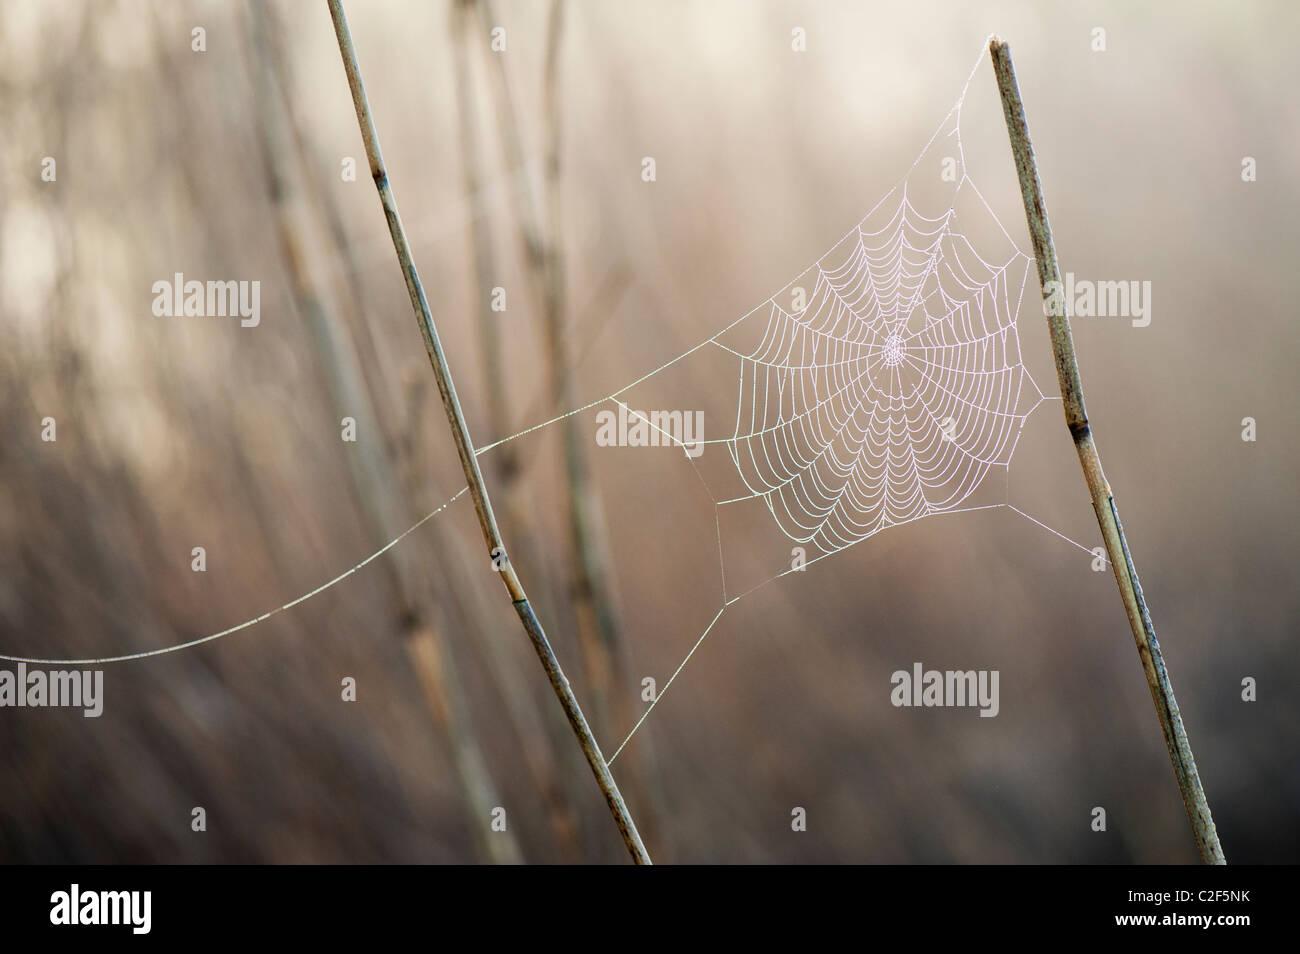 Spinnen web in misty Tau zu Schilf in der englischen Landschaft angebaute überdachte Stockbild